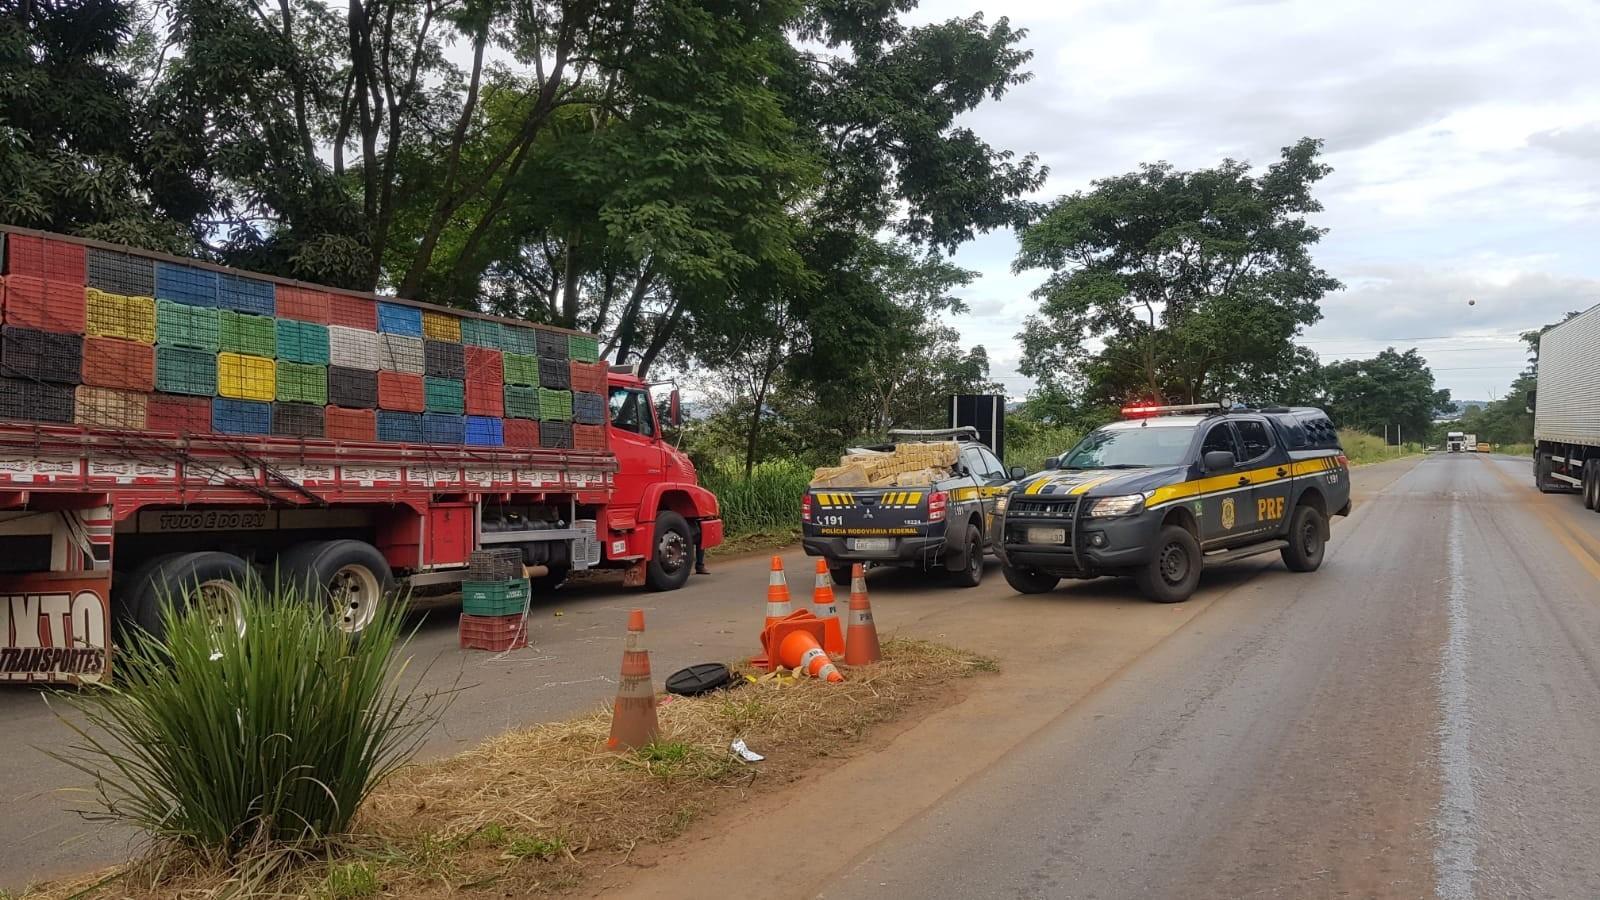 Dupla é detida com mais de 700 tabletes de maconha na BR-365 em Patos de Minas